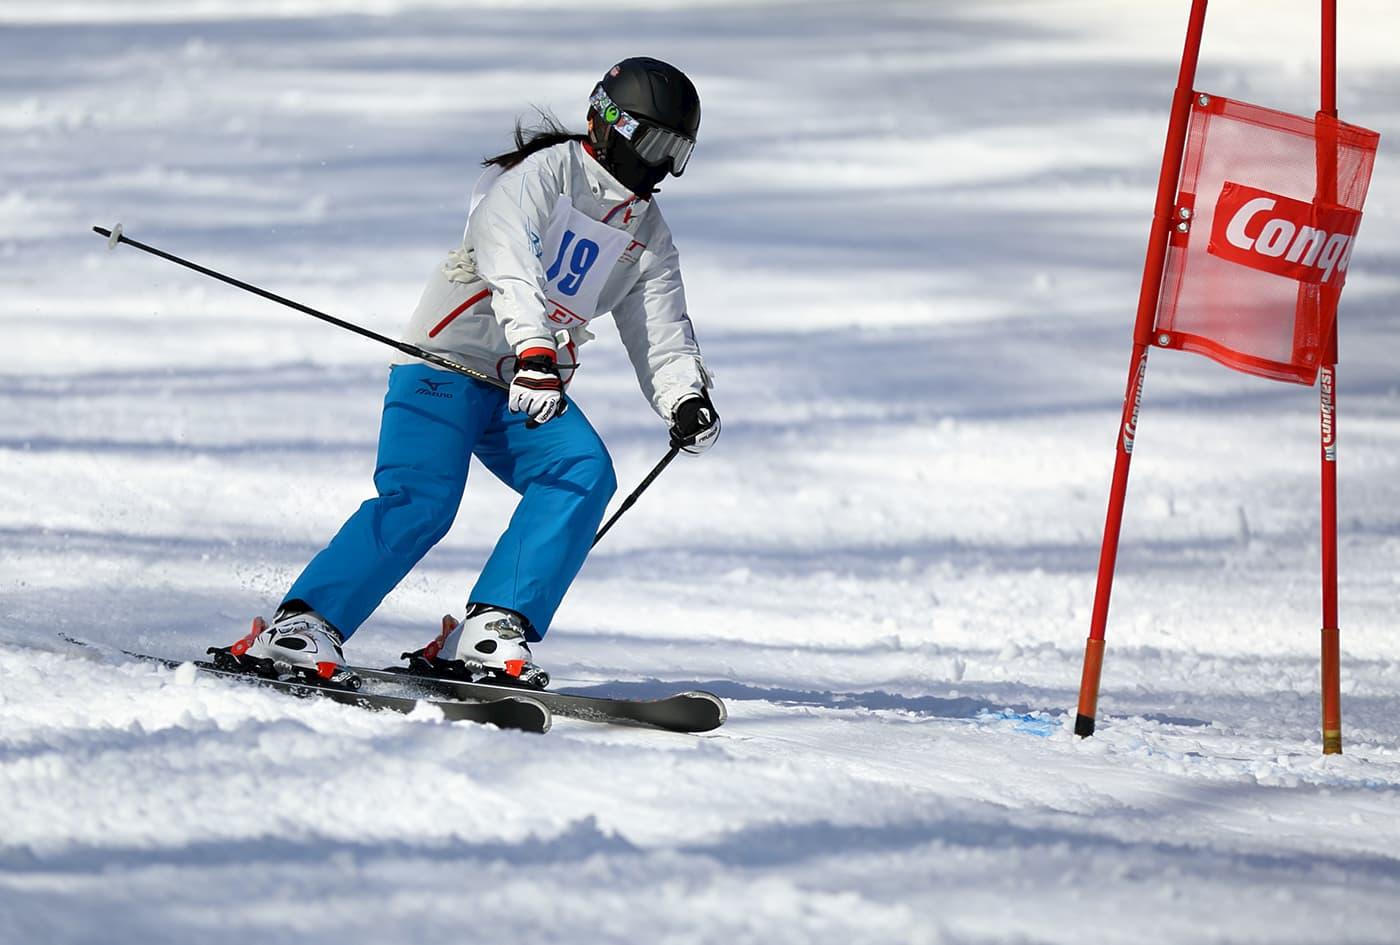 岡部哲也スラロームCUP - スキー | 長野県軽井沢プリンスホテルスキー場